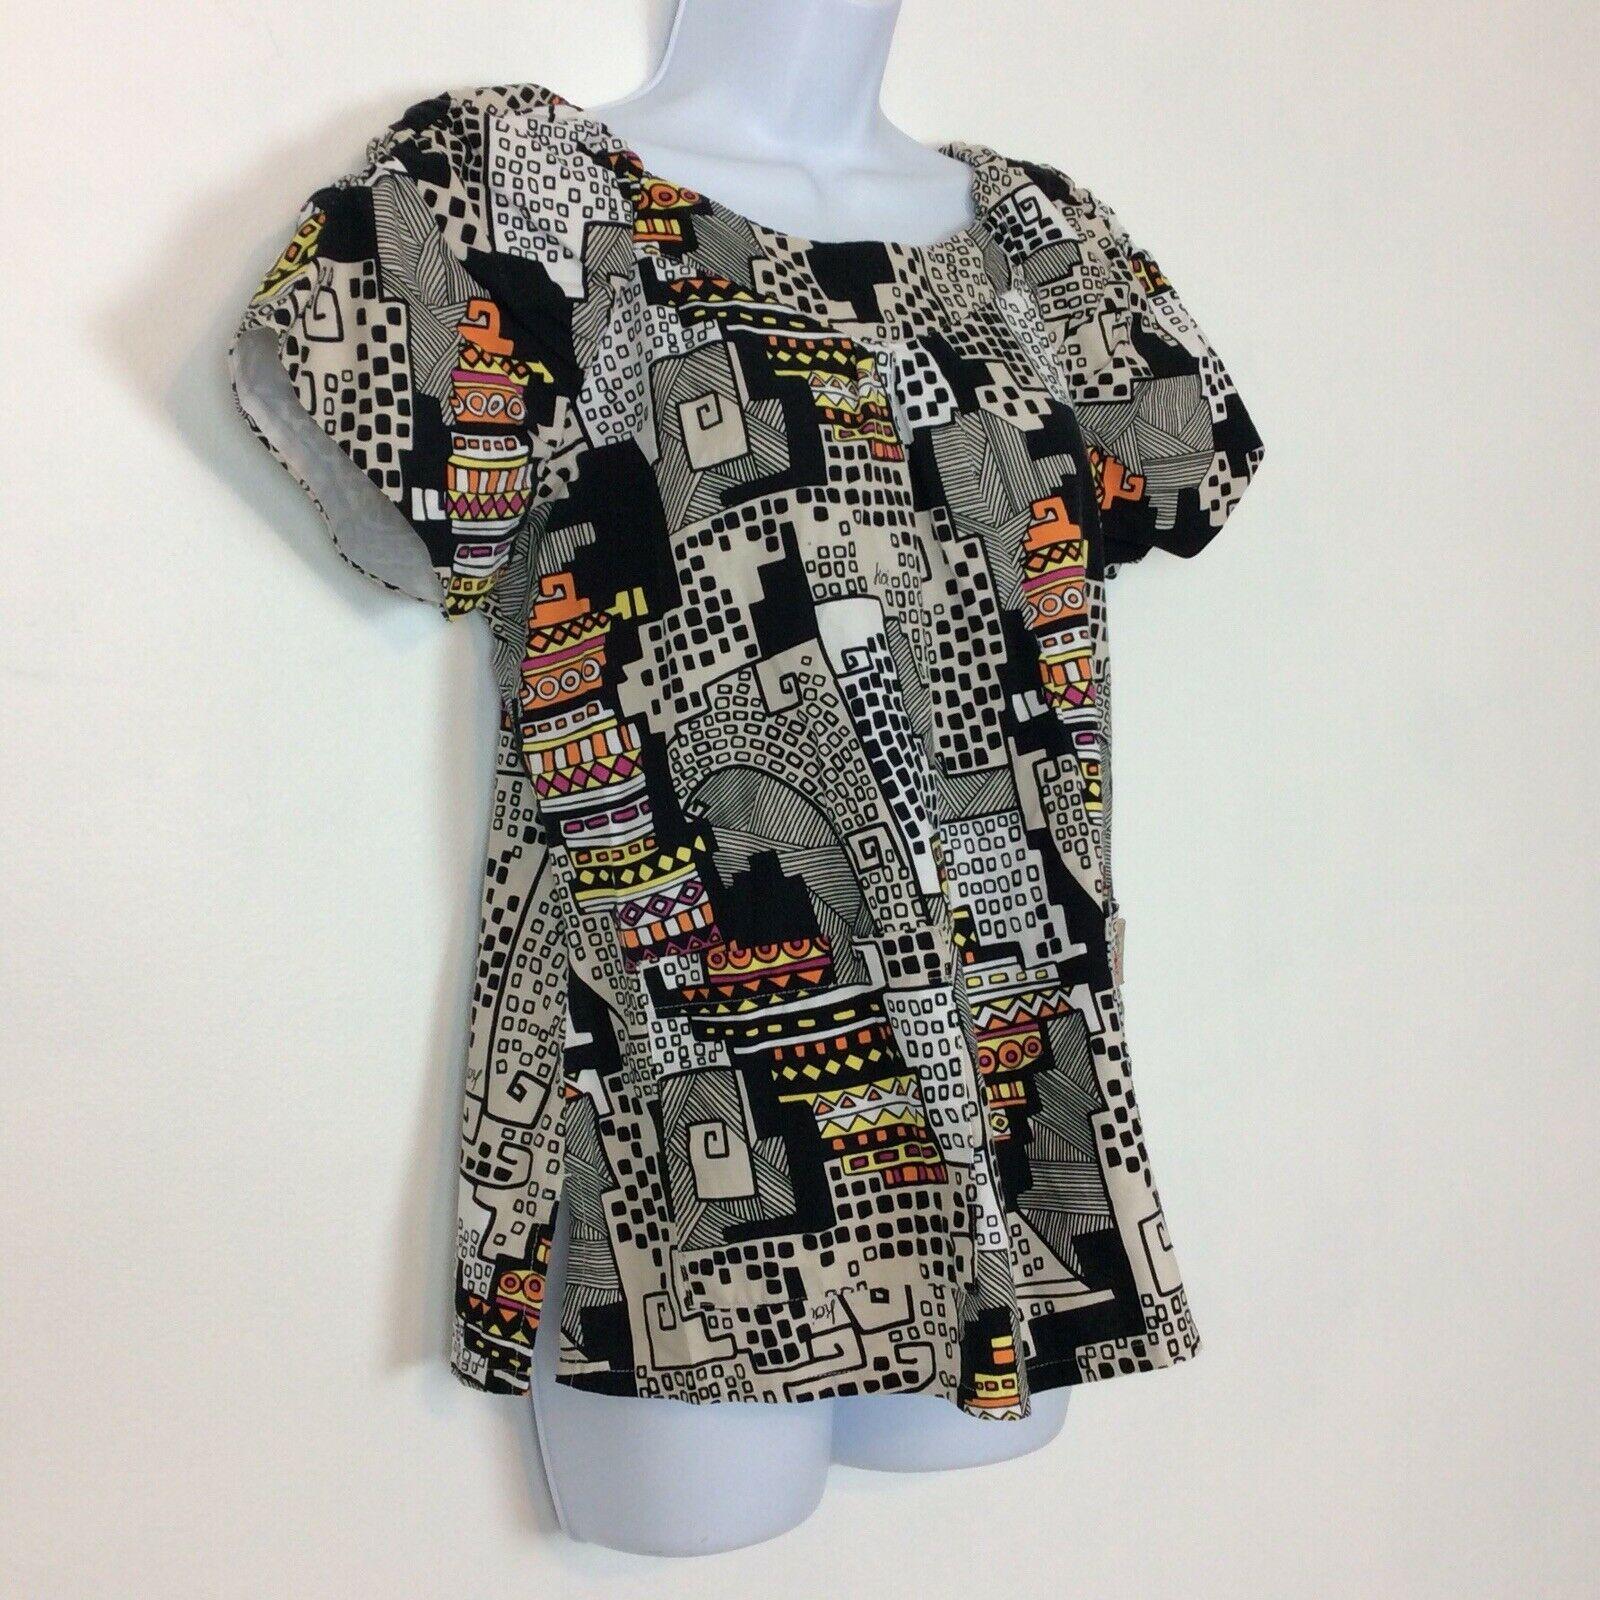 c612e139bf8 Koi by Kathy Peterson Scrub Top Size Medium Black White Orange Abstract